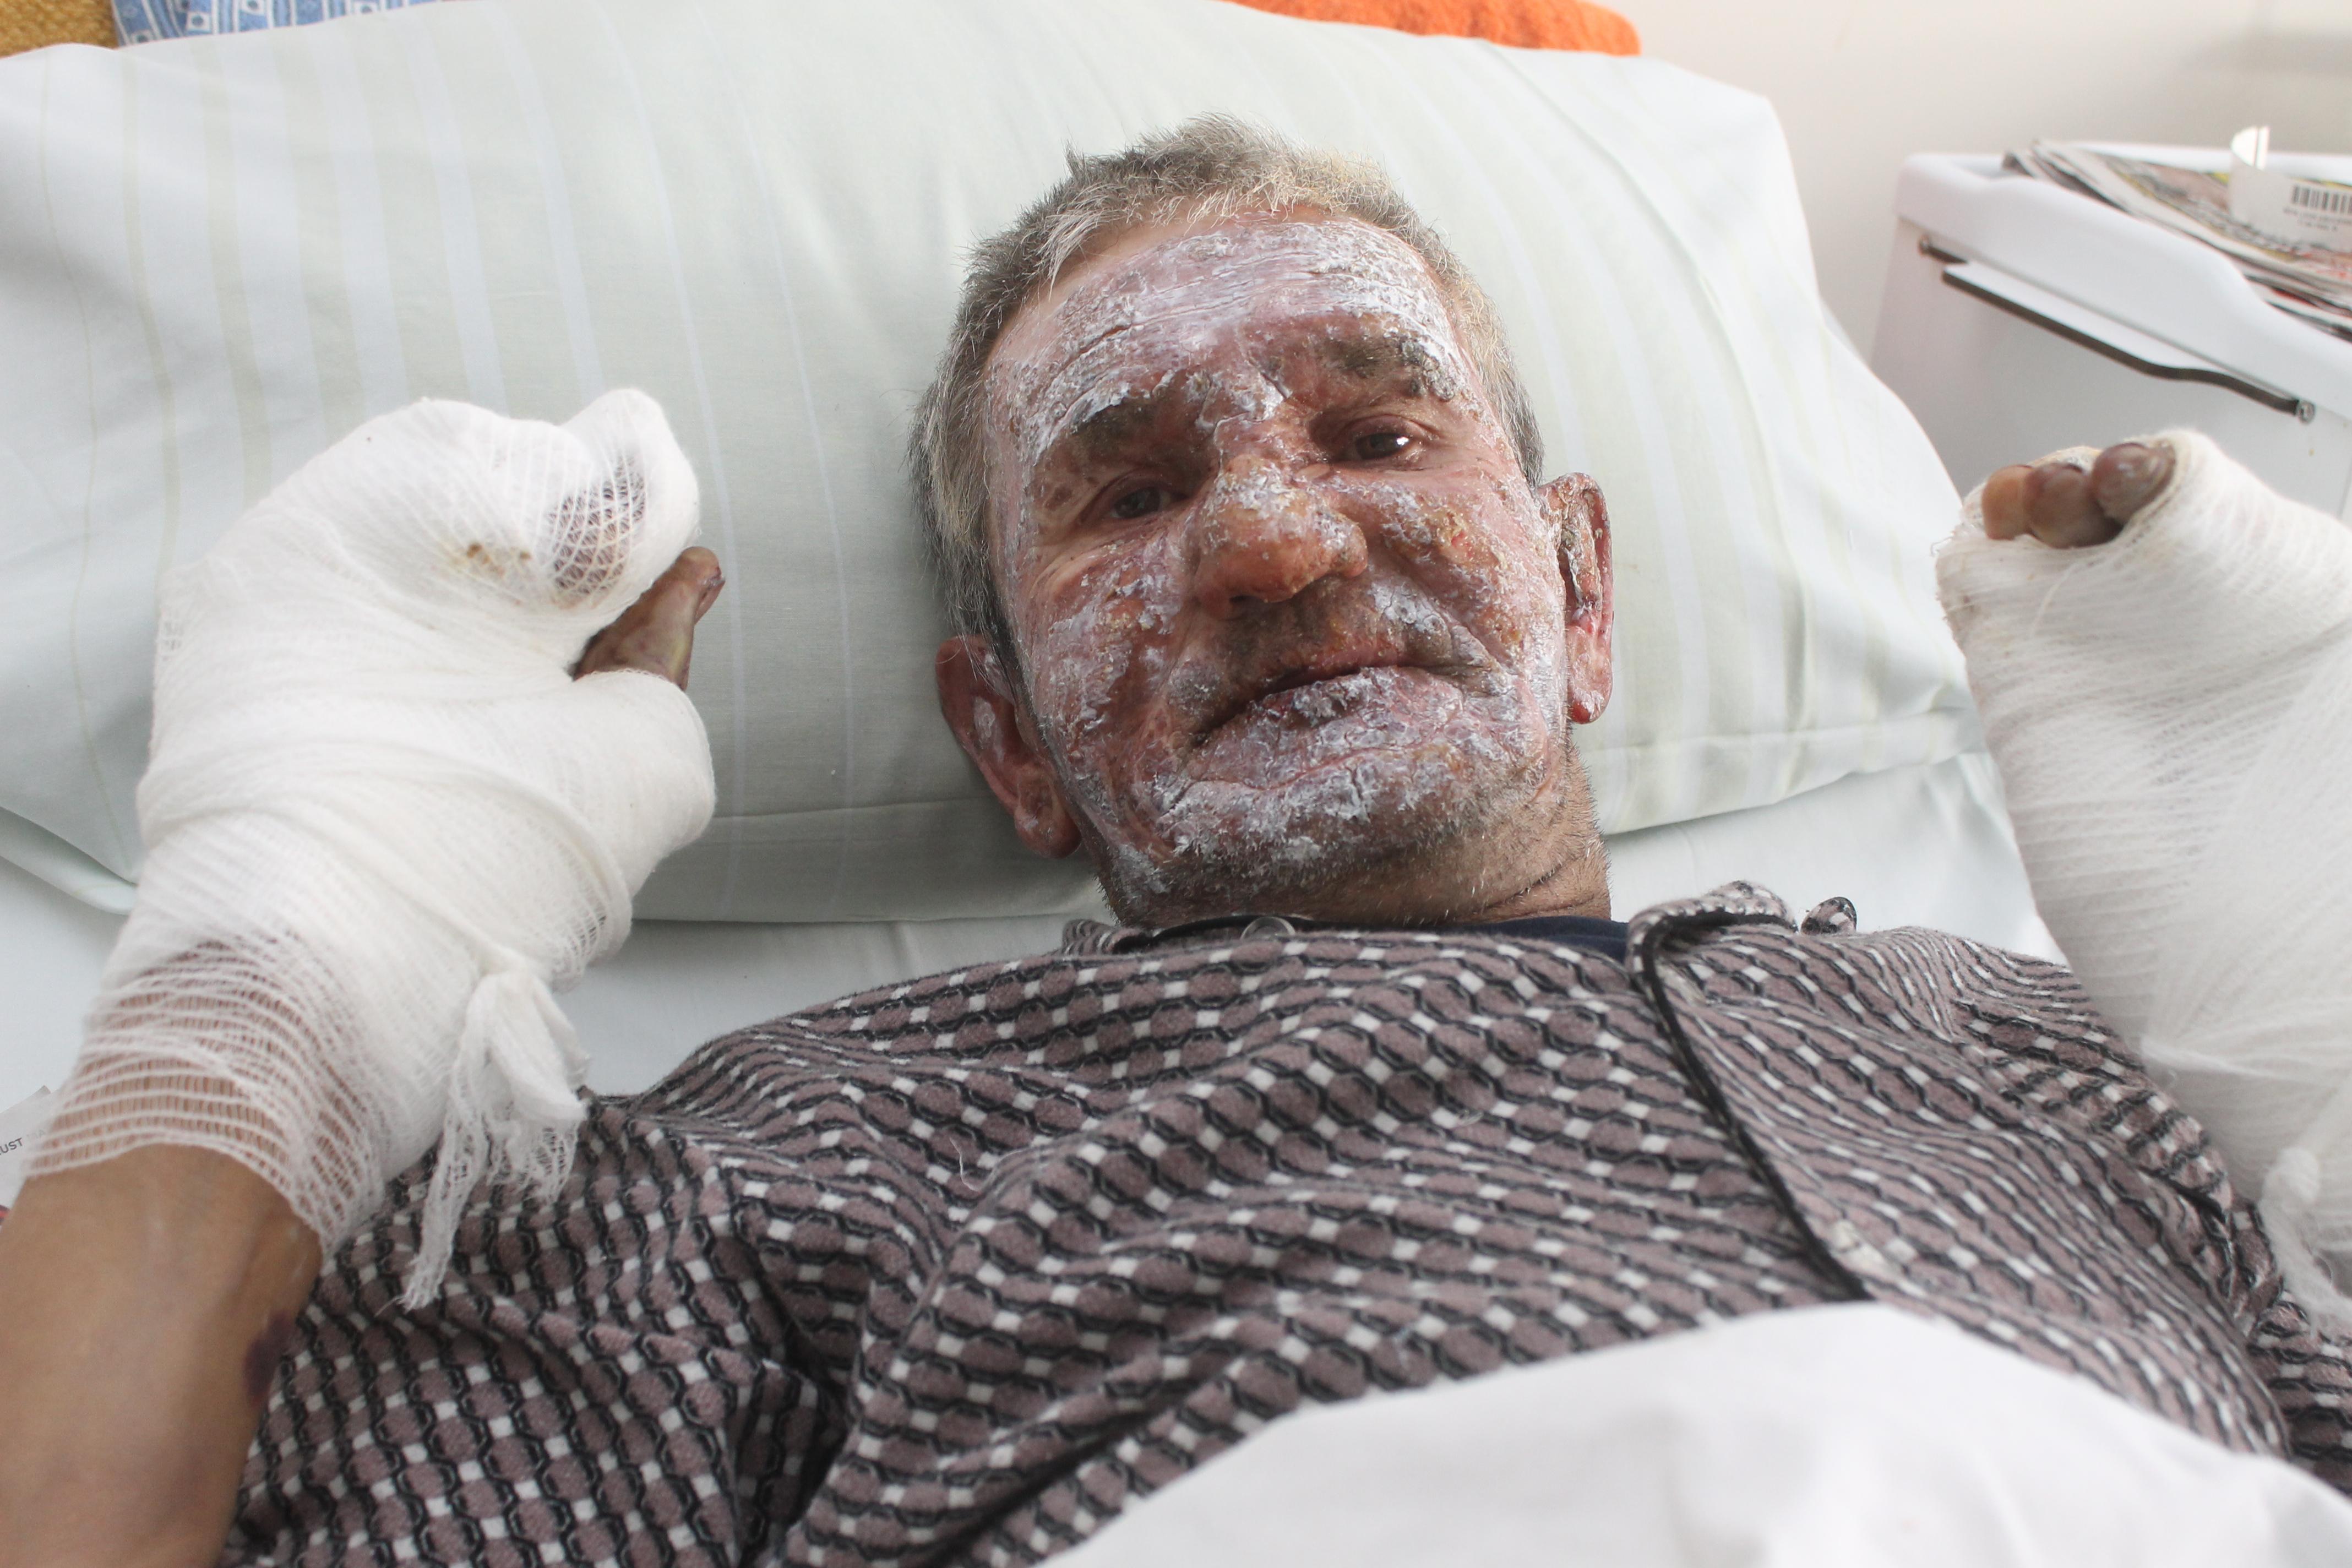 Pan Leon Abucewicz w wyniku wybuchu gazu doznał oparzeń twarzy, przedramion i dłoni.